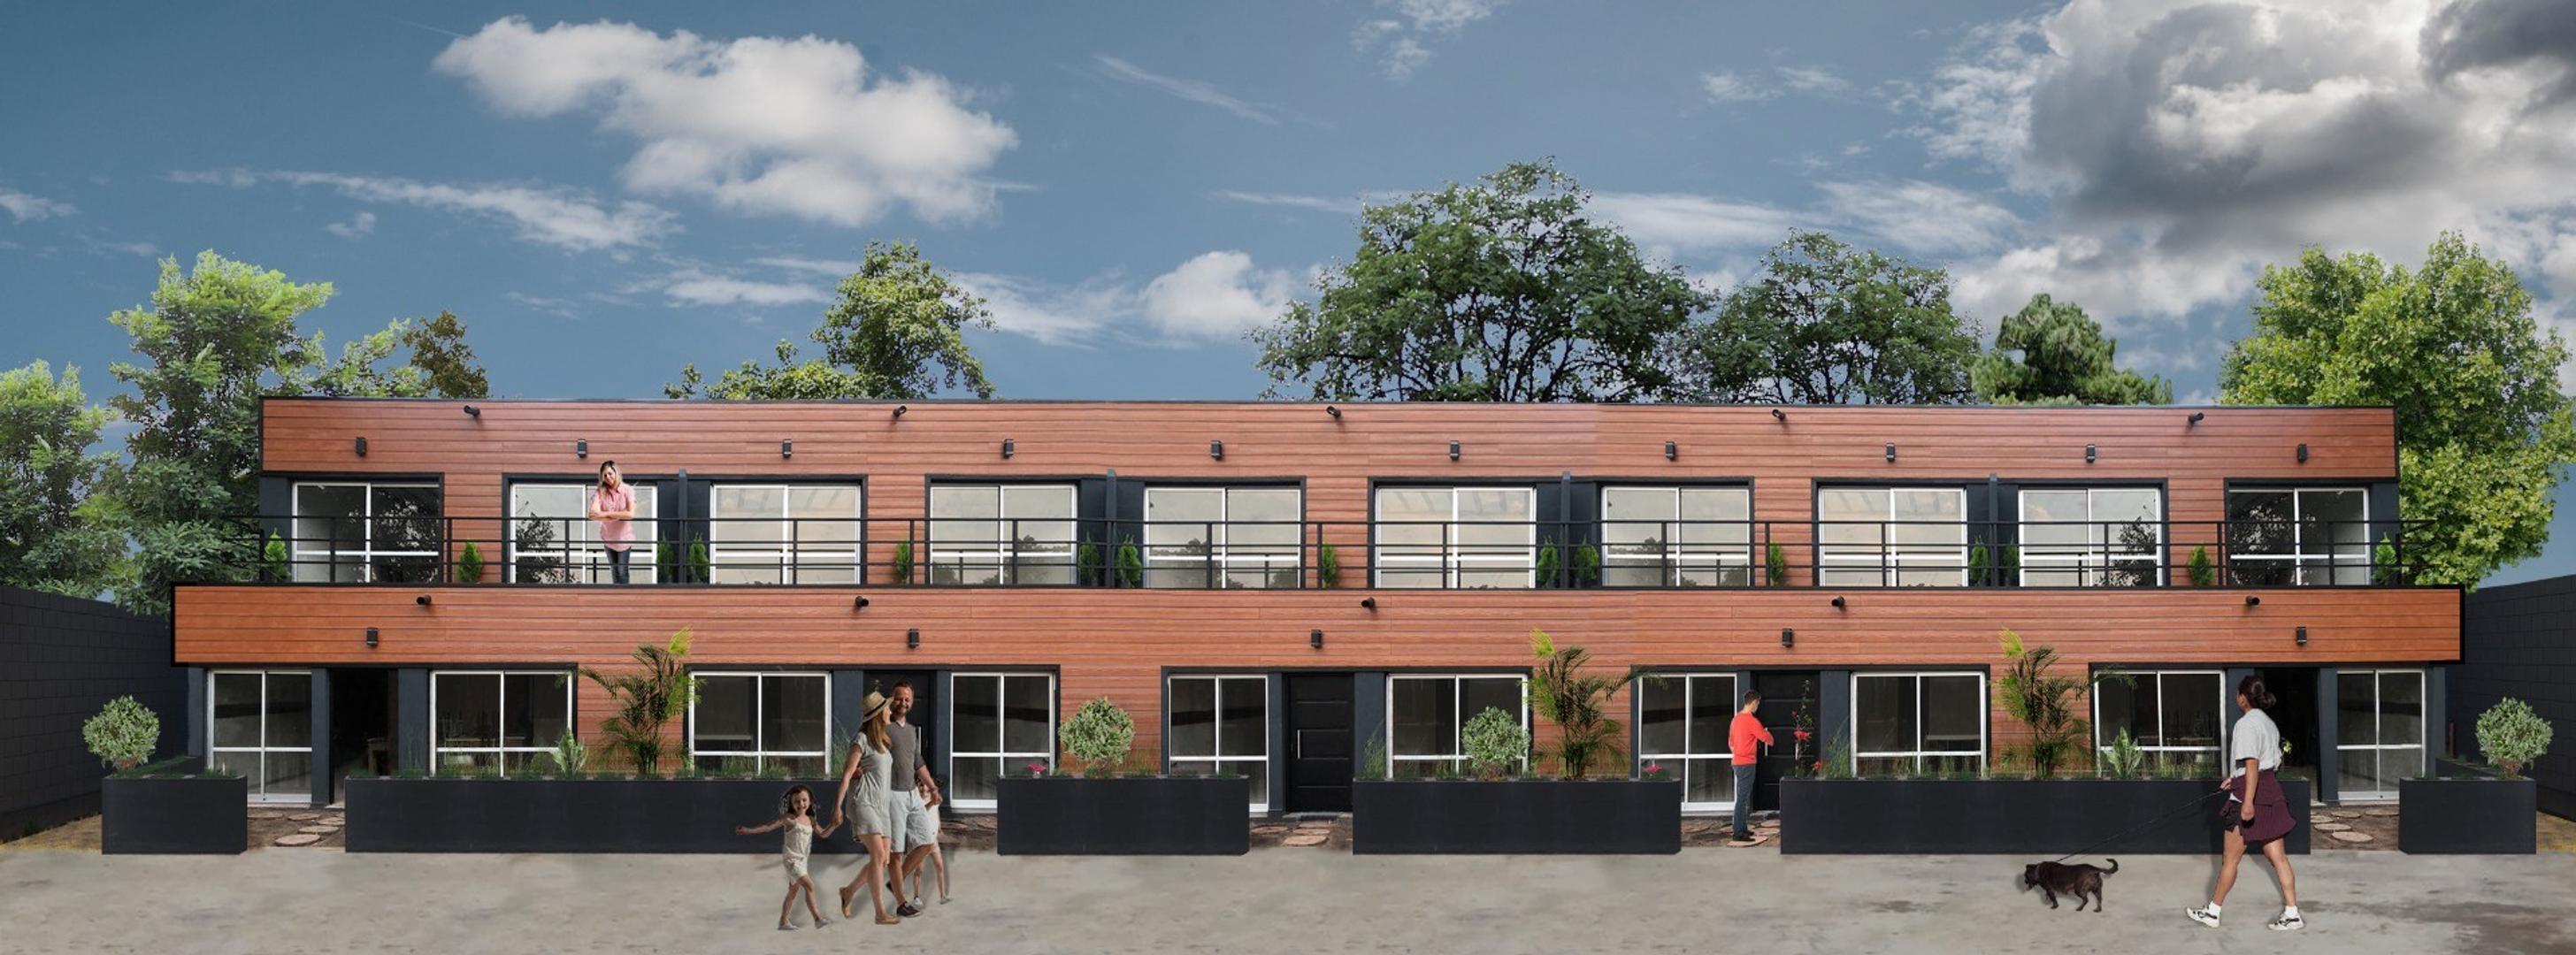 Casa dúplex en condominio fcon financiación oportunidad única a estrenar